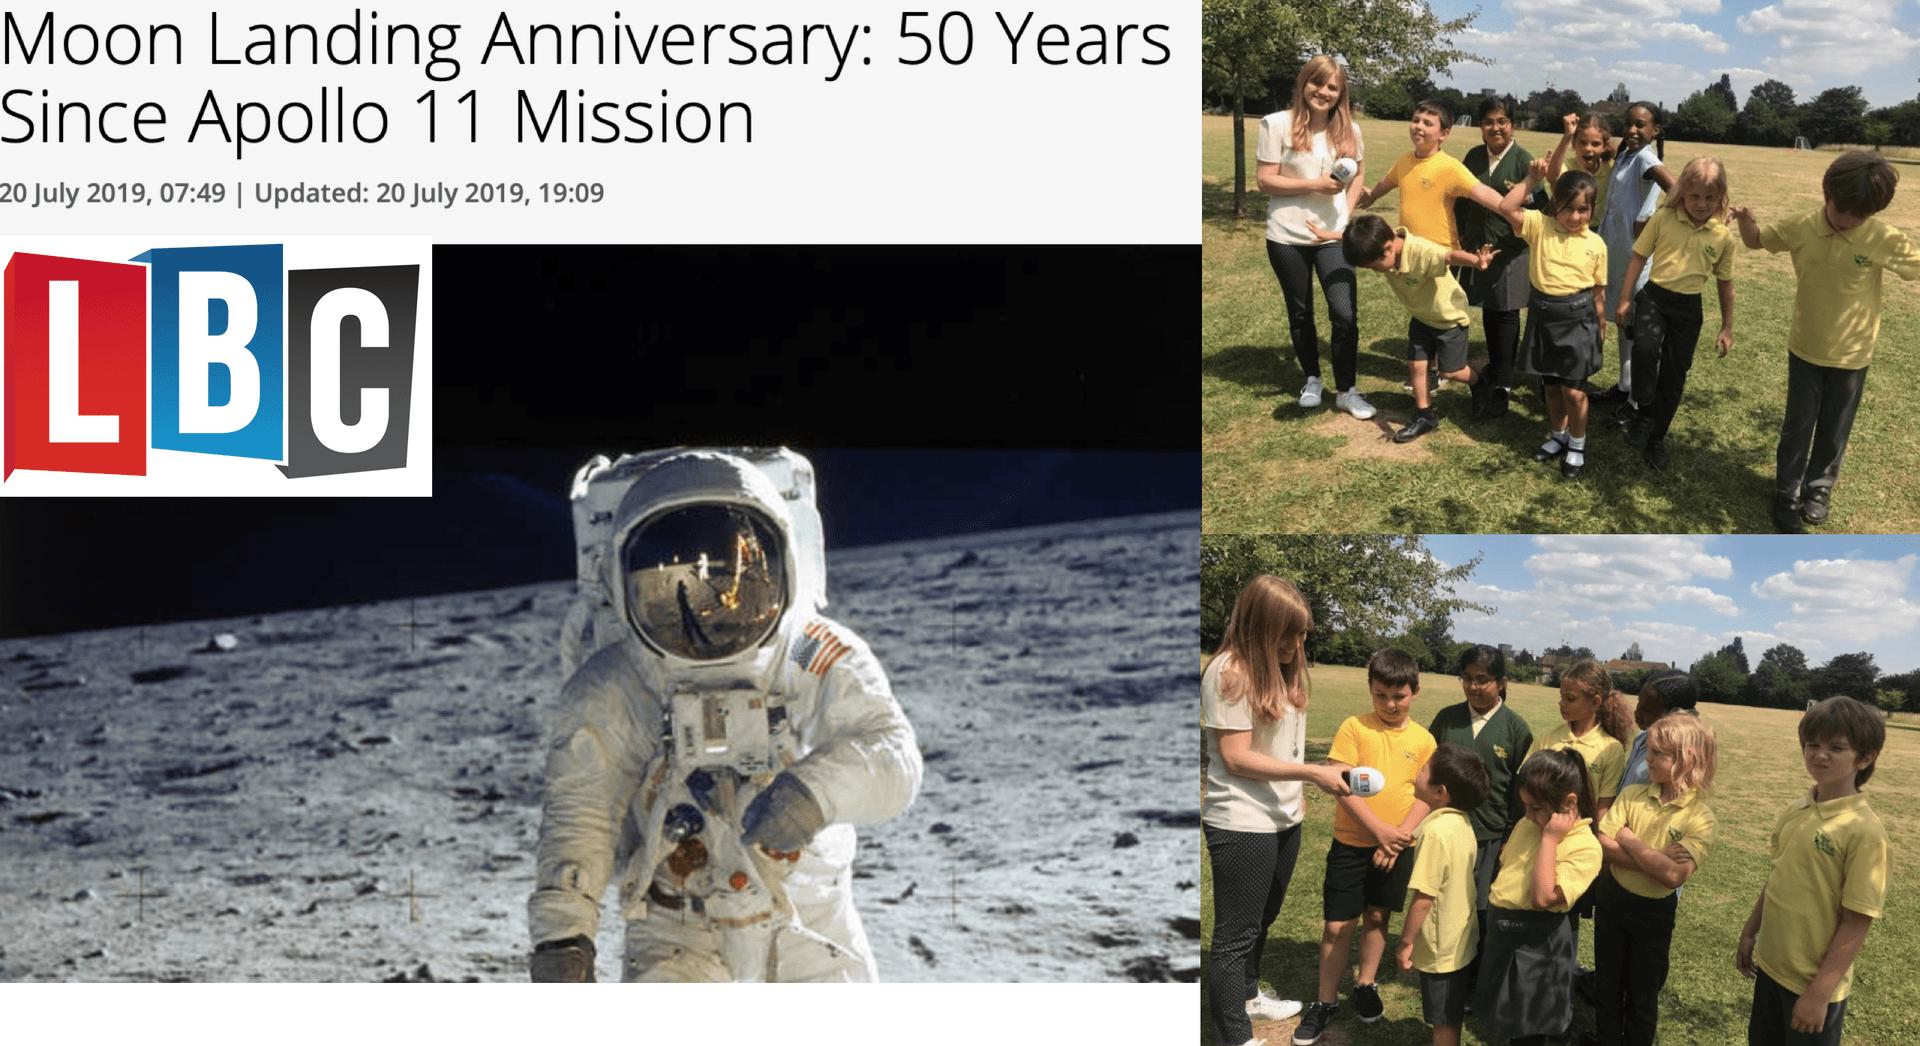 LBC Moon Landings